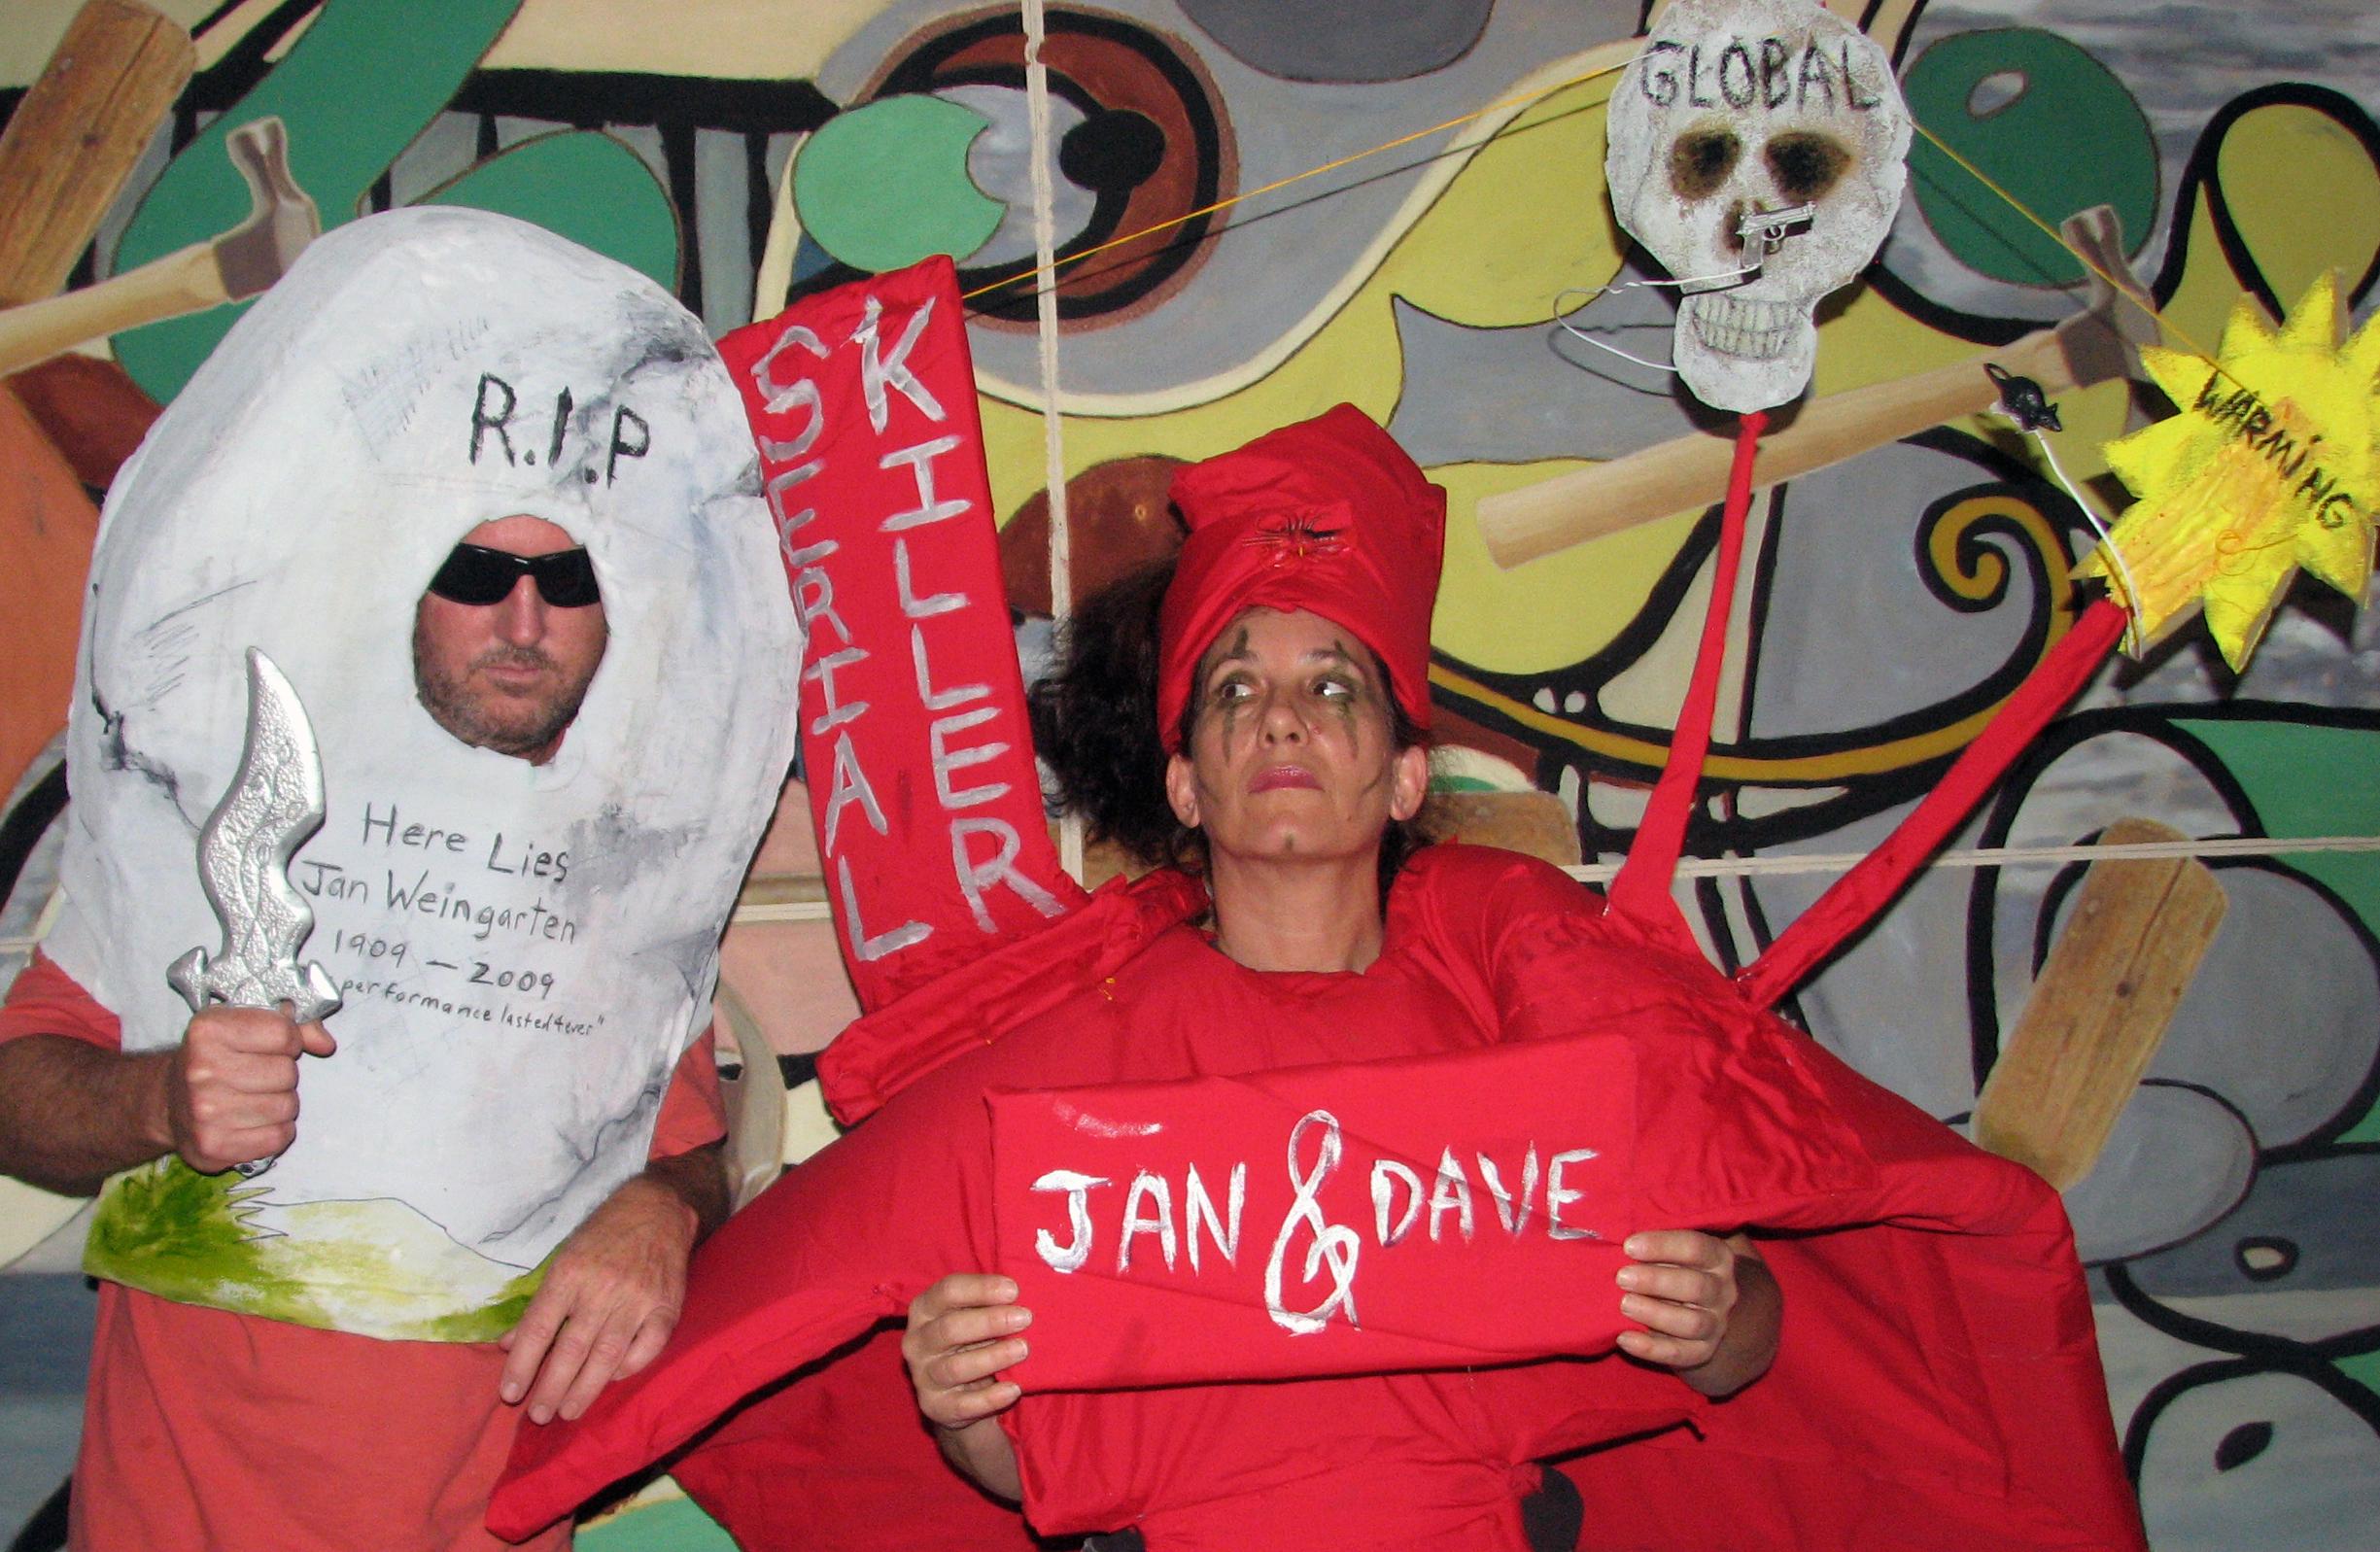 Jan & Dave